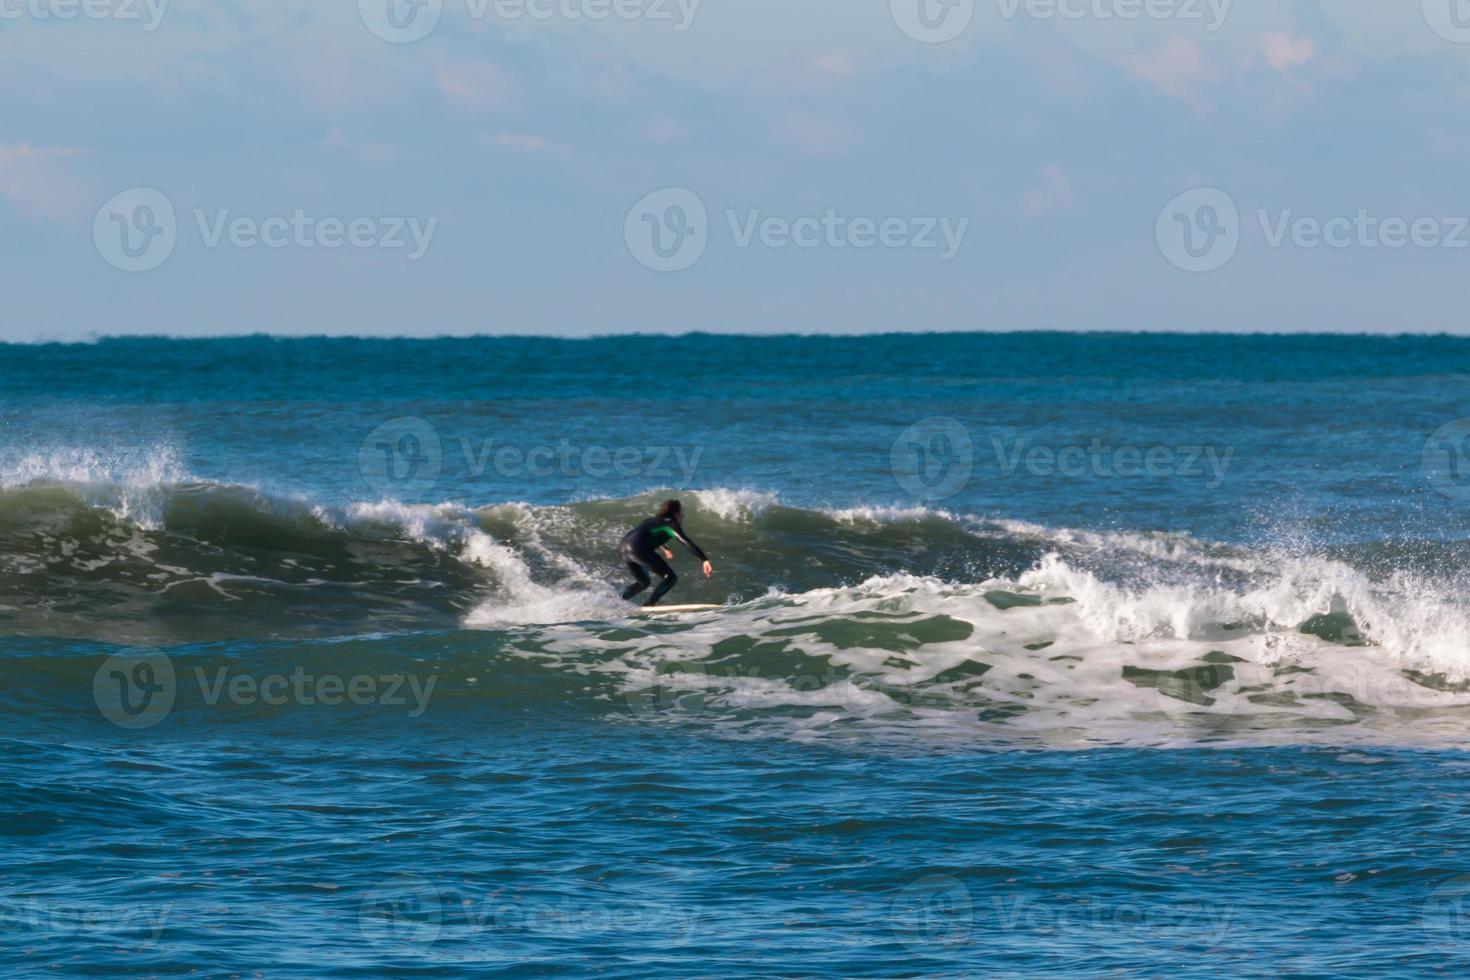 combinaison surfeuse noire surfant sur la vague photo